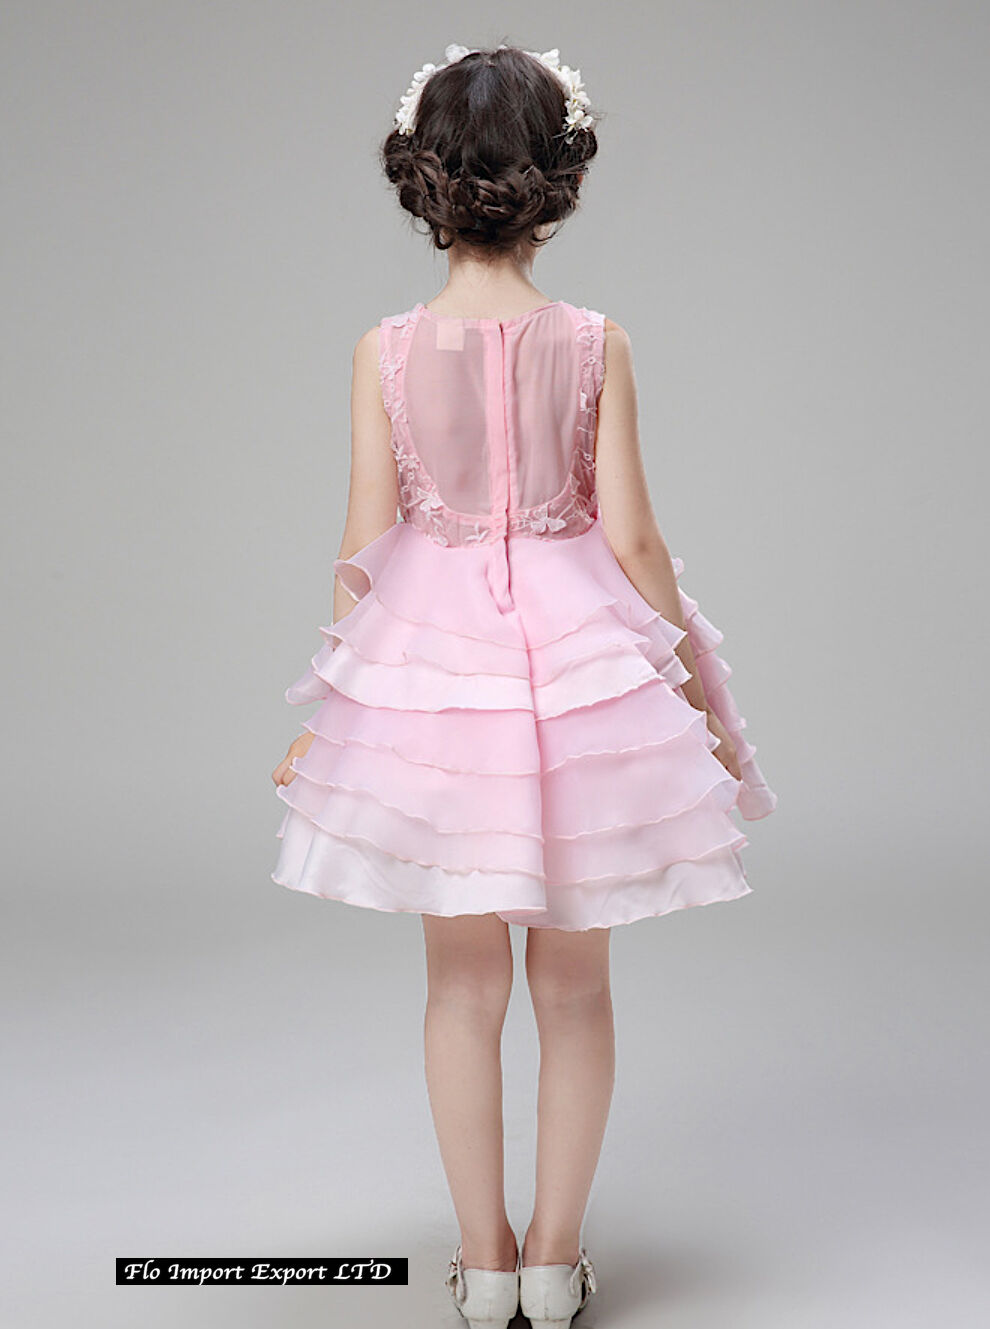 Vestito Bambina Abito Cerimonia Fiori Elegante Girl Party Princess ... 4455a0958c0